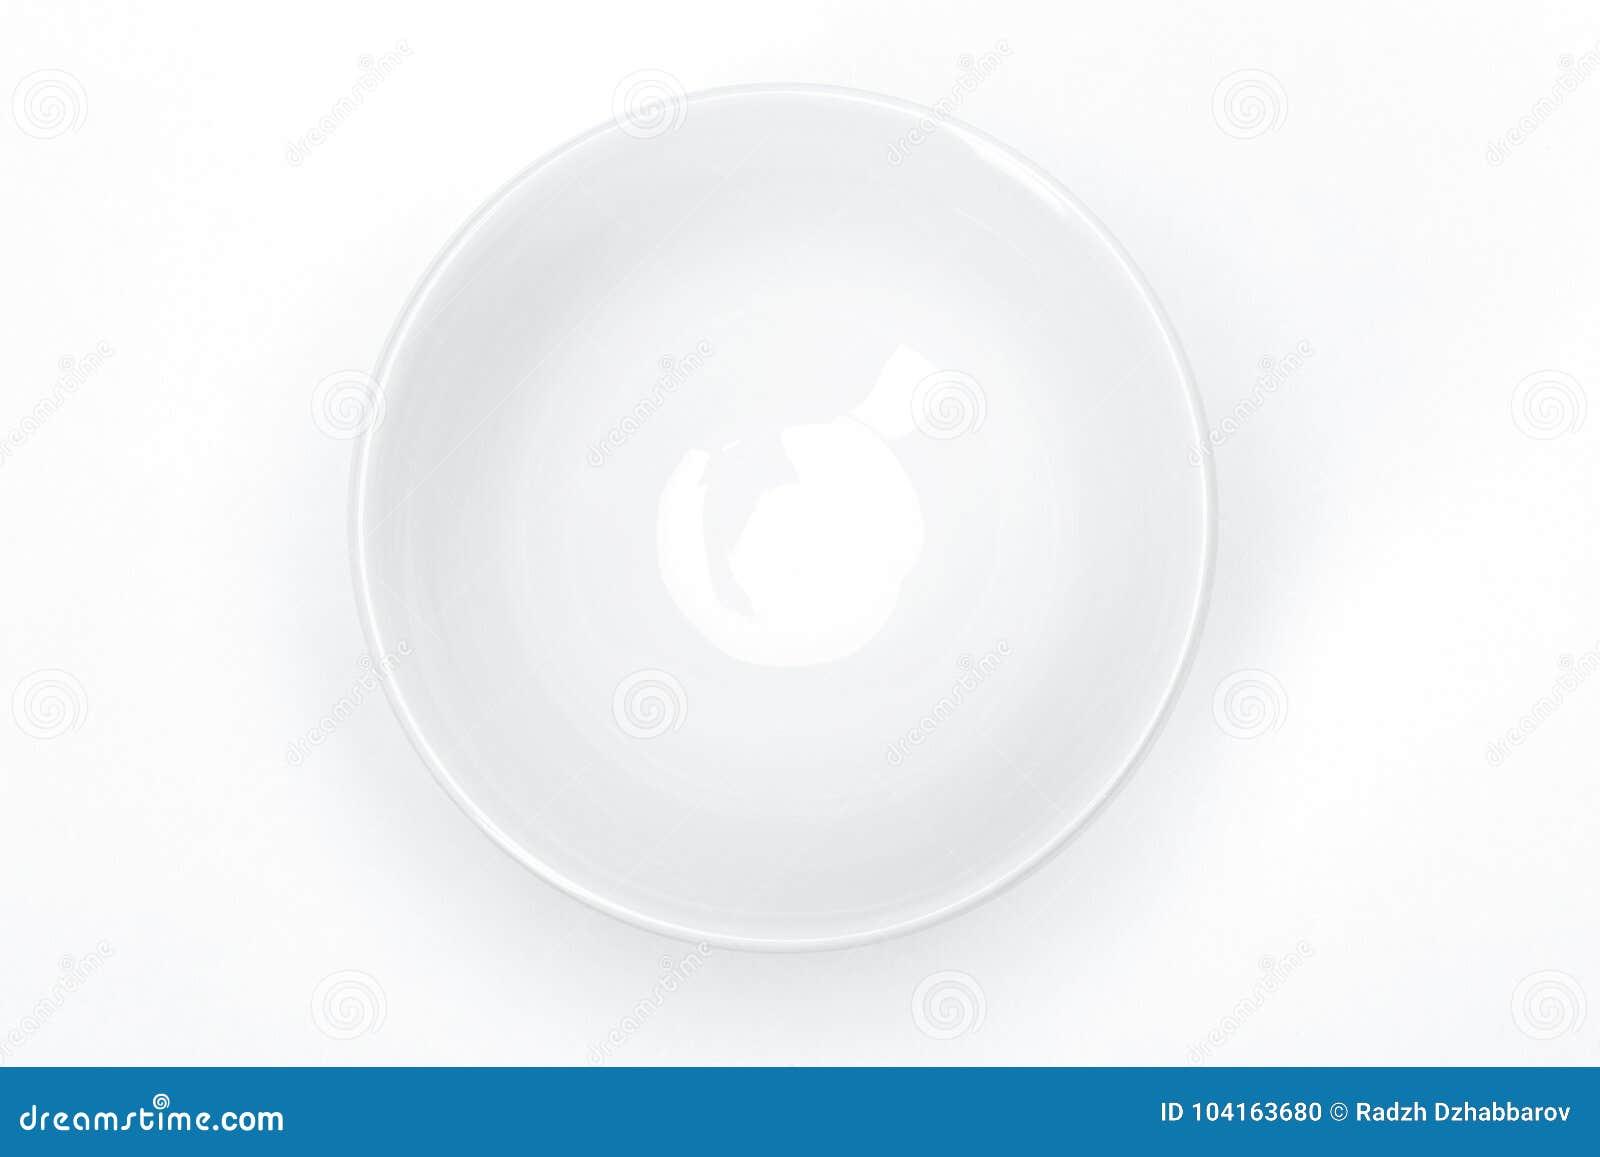 Utensílios de mesa vazios para seu projeto, bacia cerâmica branca da porcelana do molde para o fundo do branco da sopa